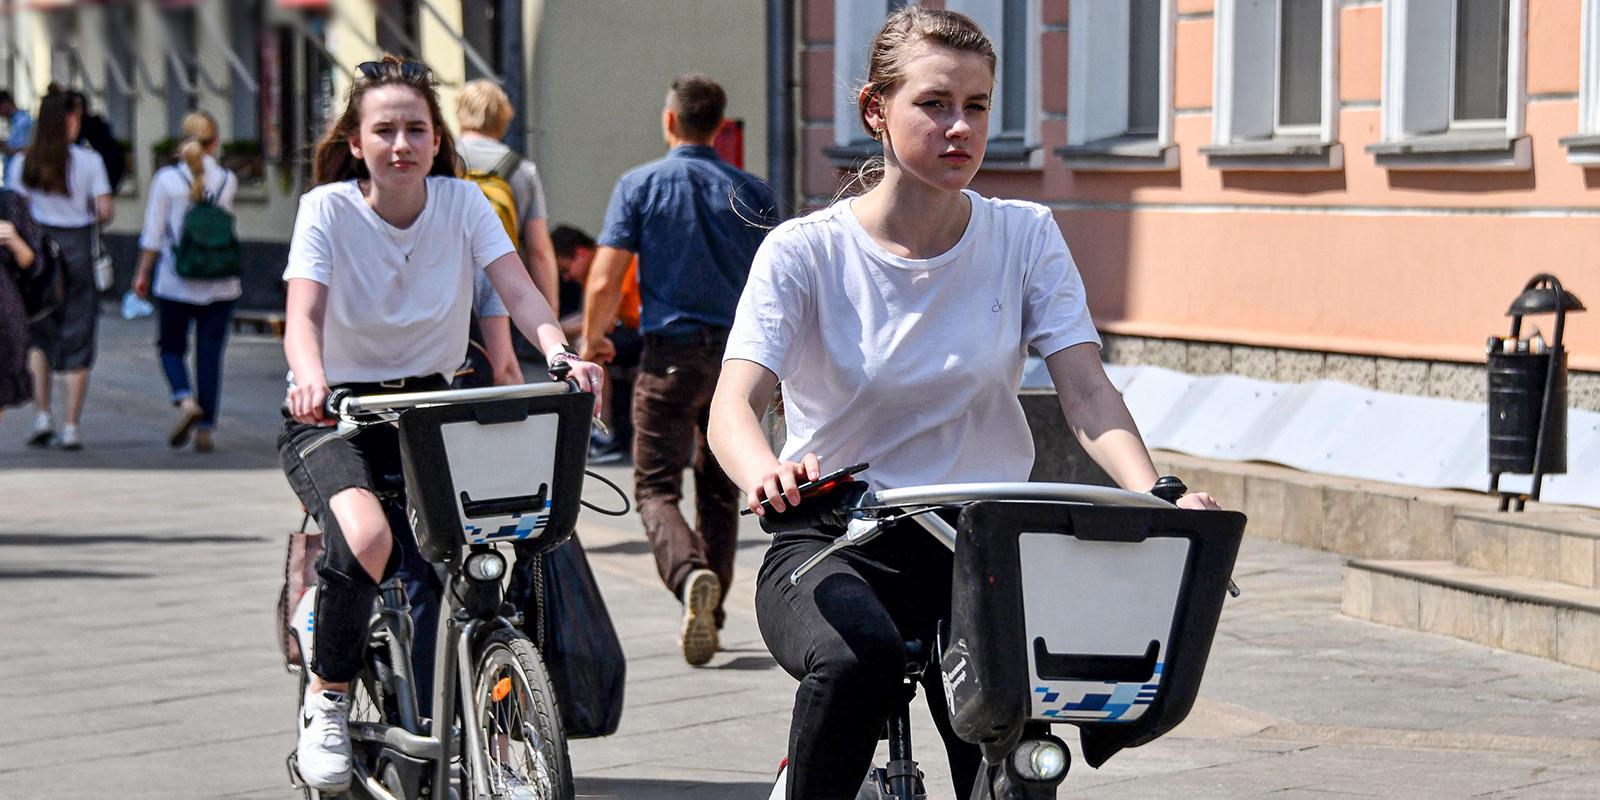 С начала сезона услугами городского велопроката воспользовался один миллион человек